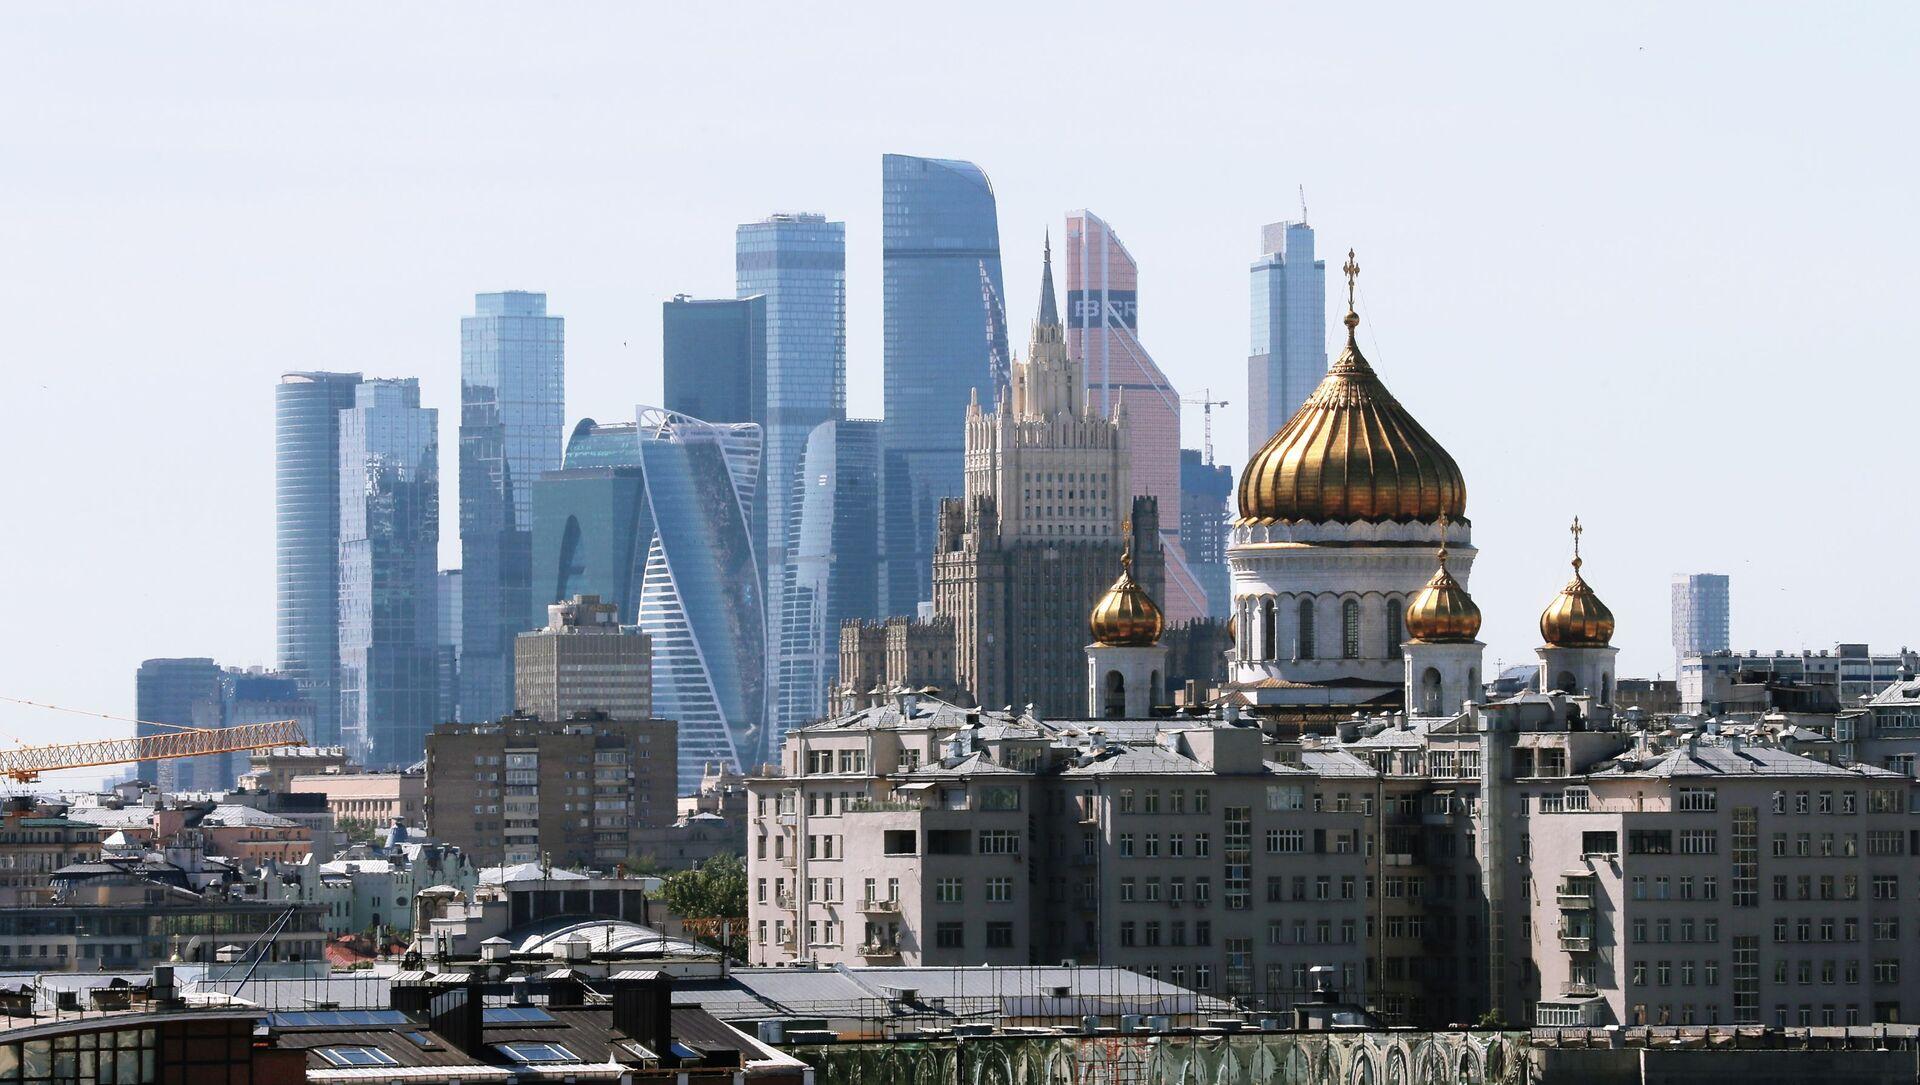 Una vista del centro di Mosca - Sputnik Italia, 1920, 13.05.2021